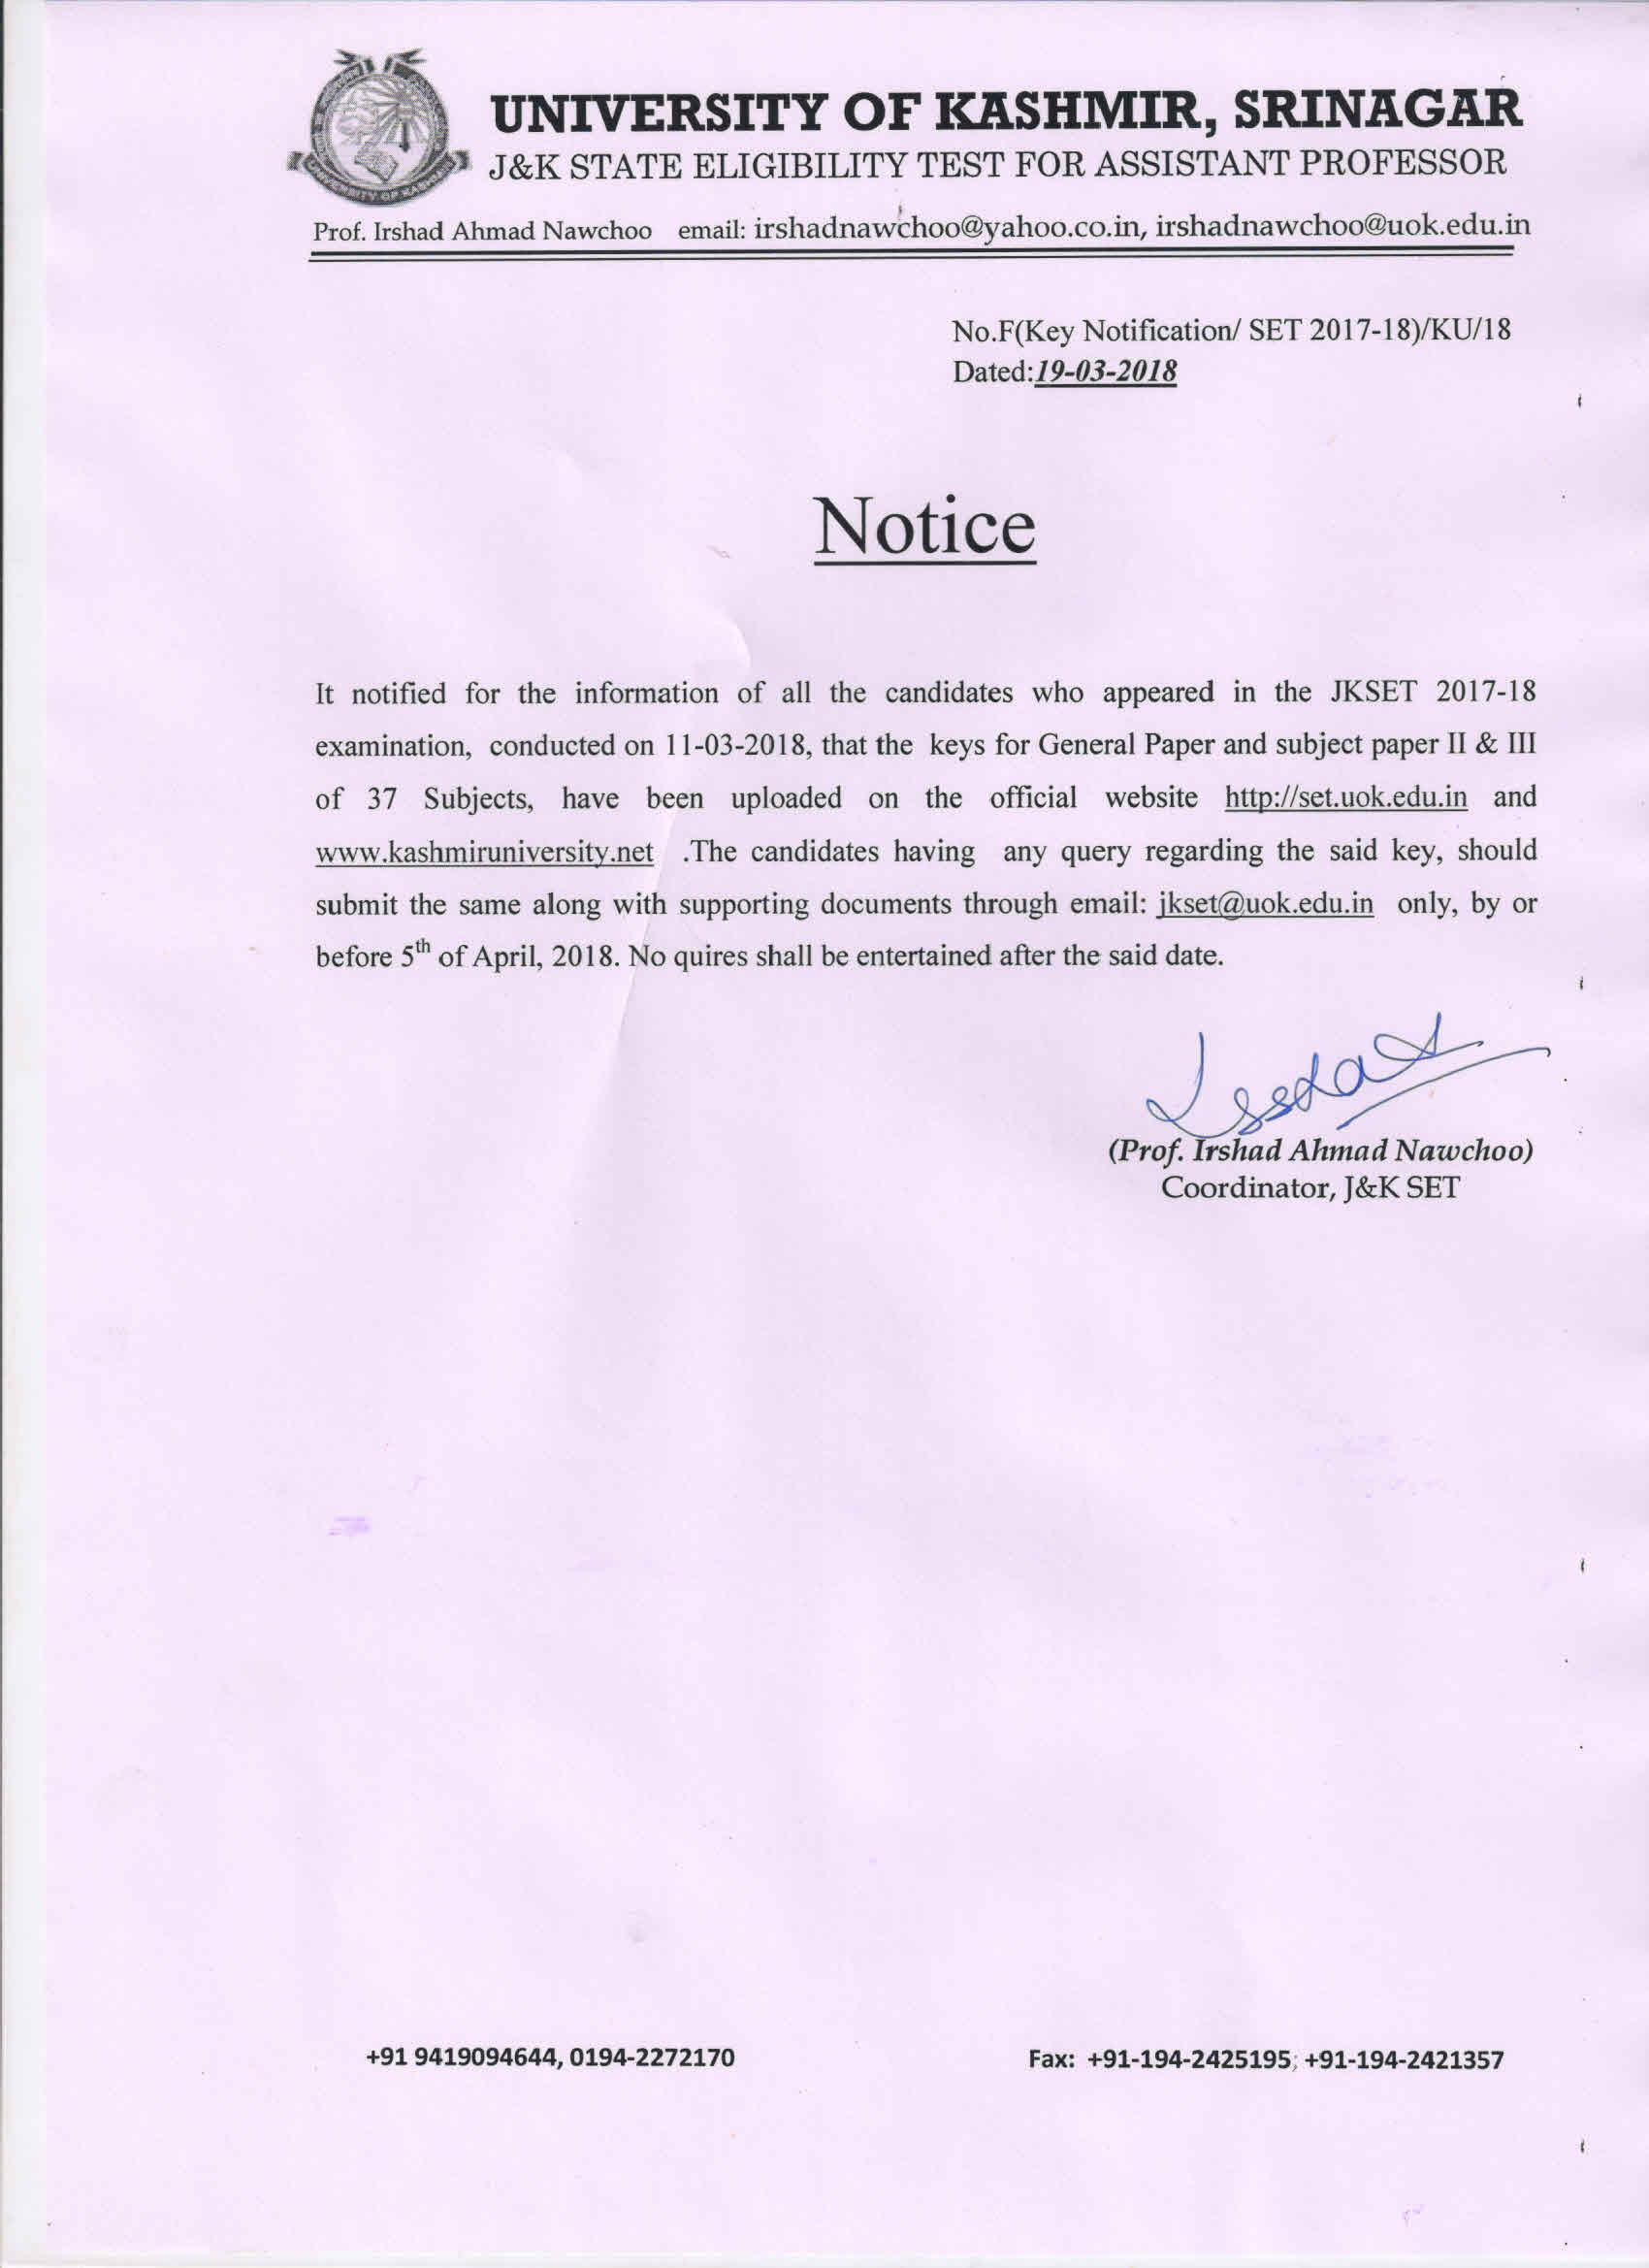 J & K SET Agency, University of Kashmir